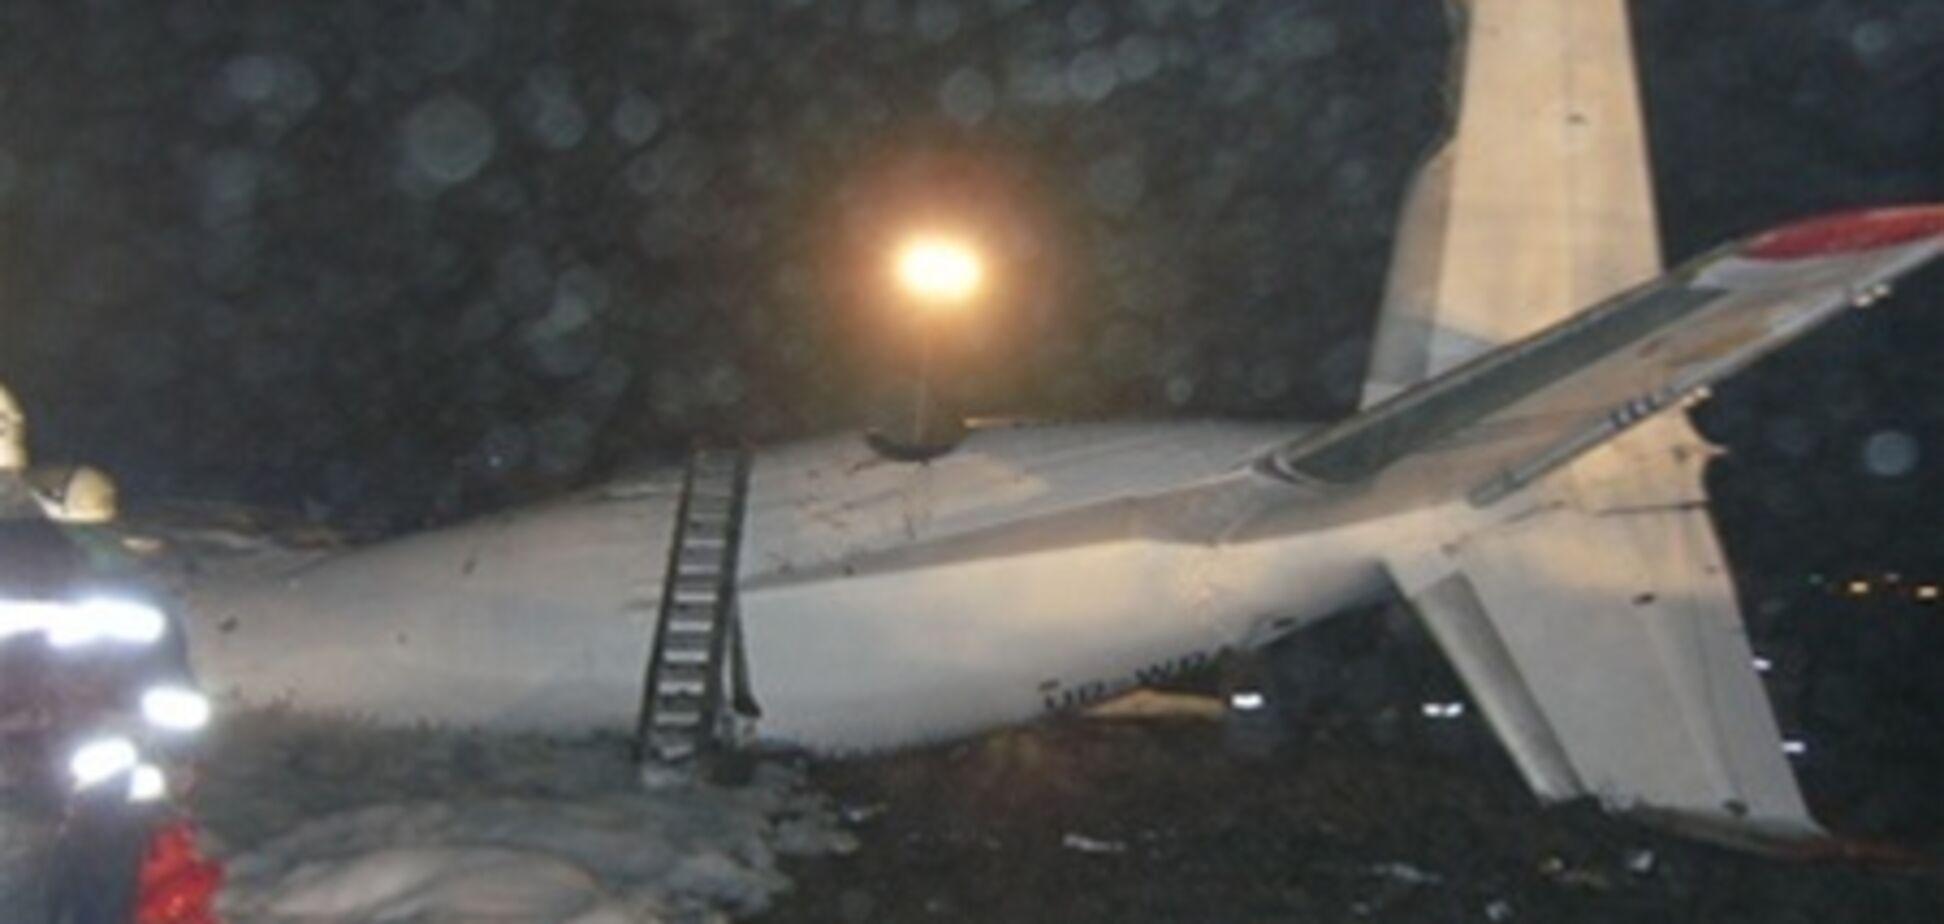 Метеоусловия позволяли Ан-24 совершить безопасную посадку - аэропорт Донецка